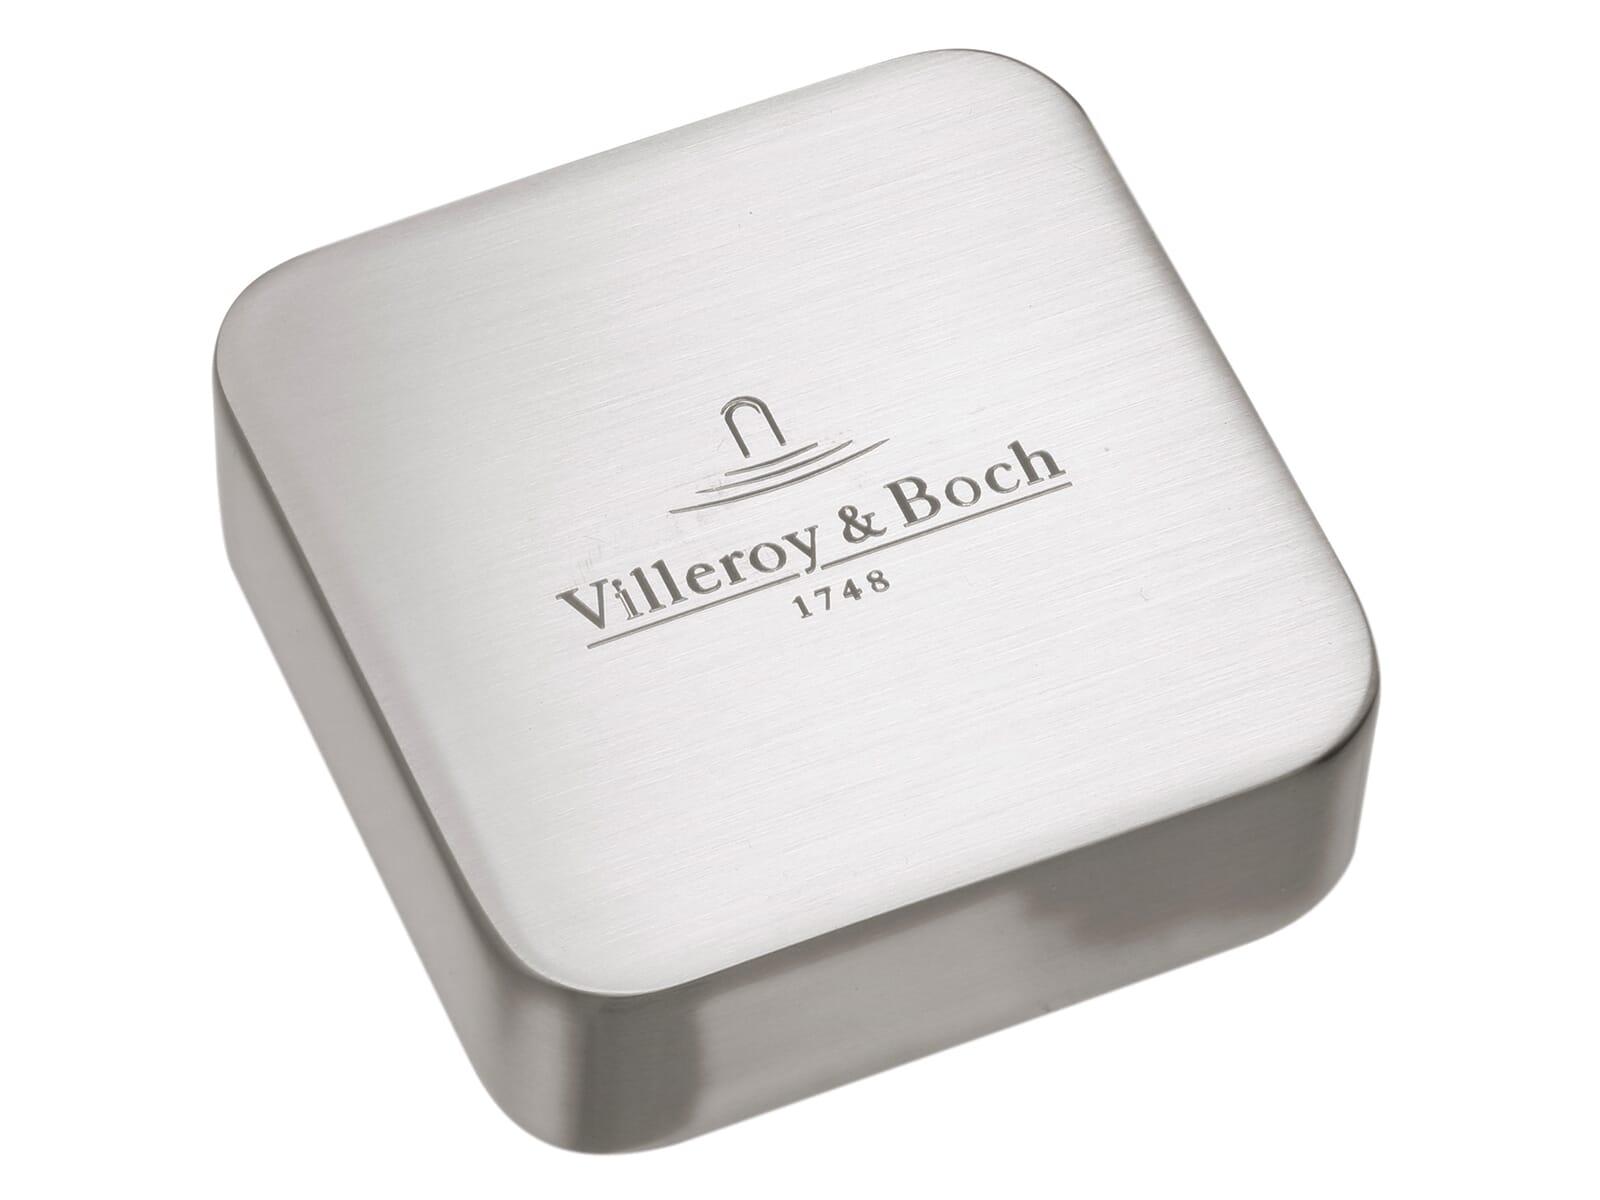 Villeroy & Boch 9405 36 L7 Abdeckkappe für Einzeldrehgriff gebürstet